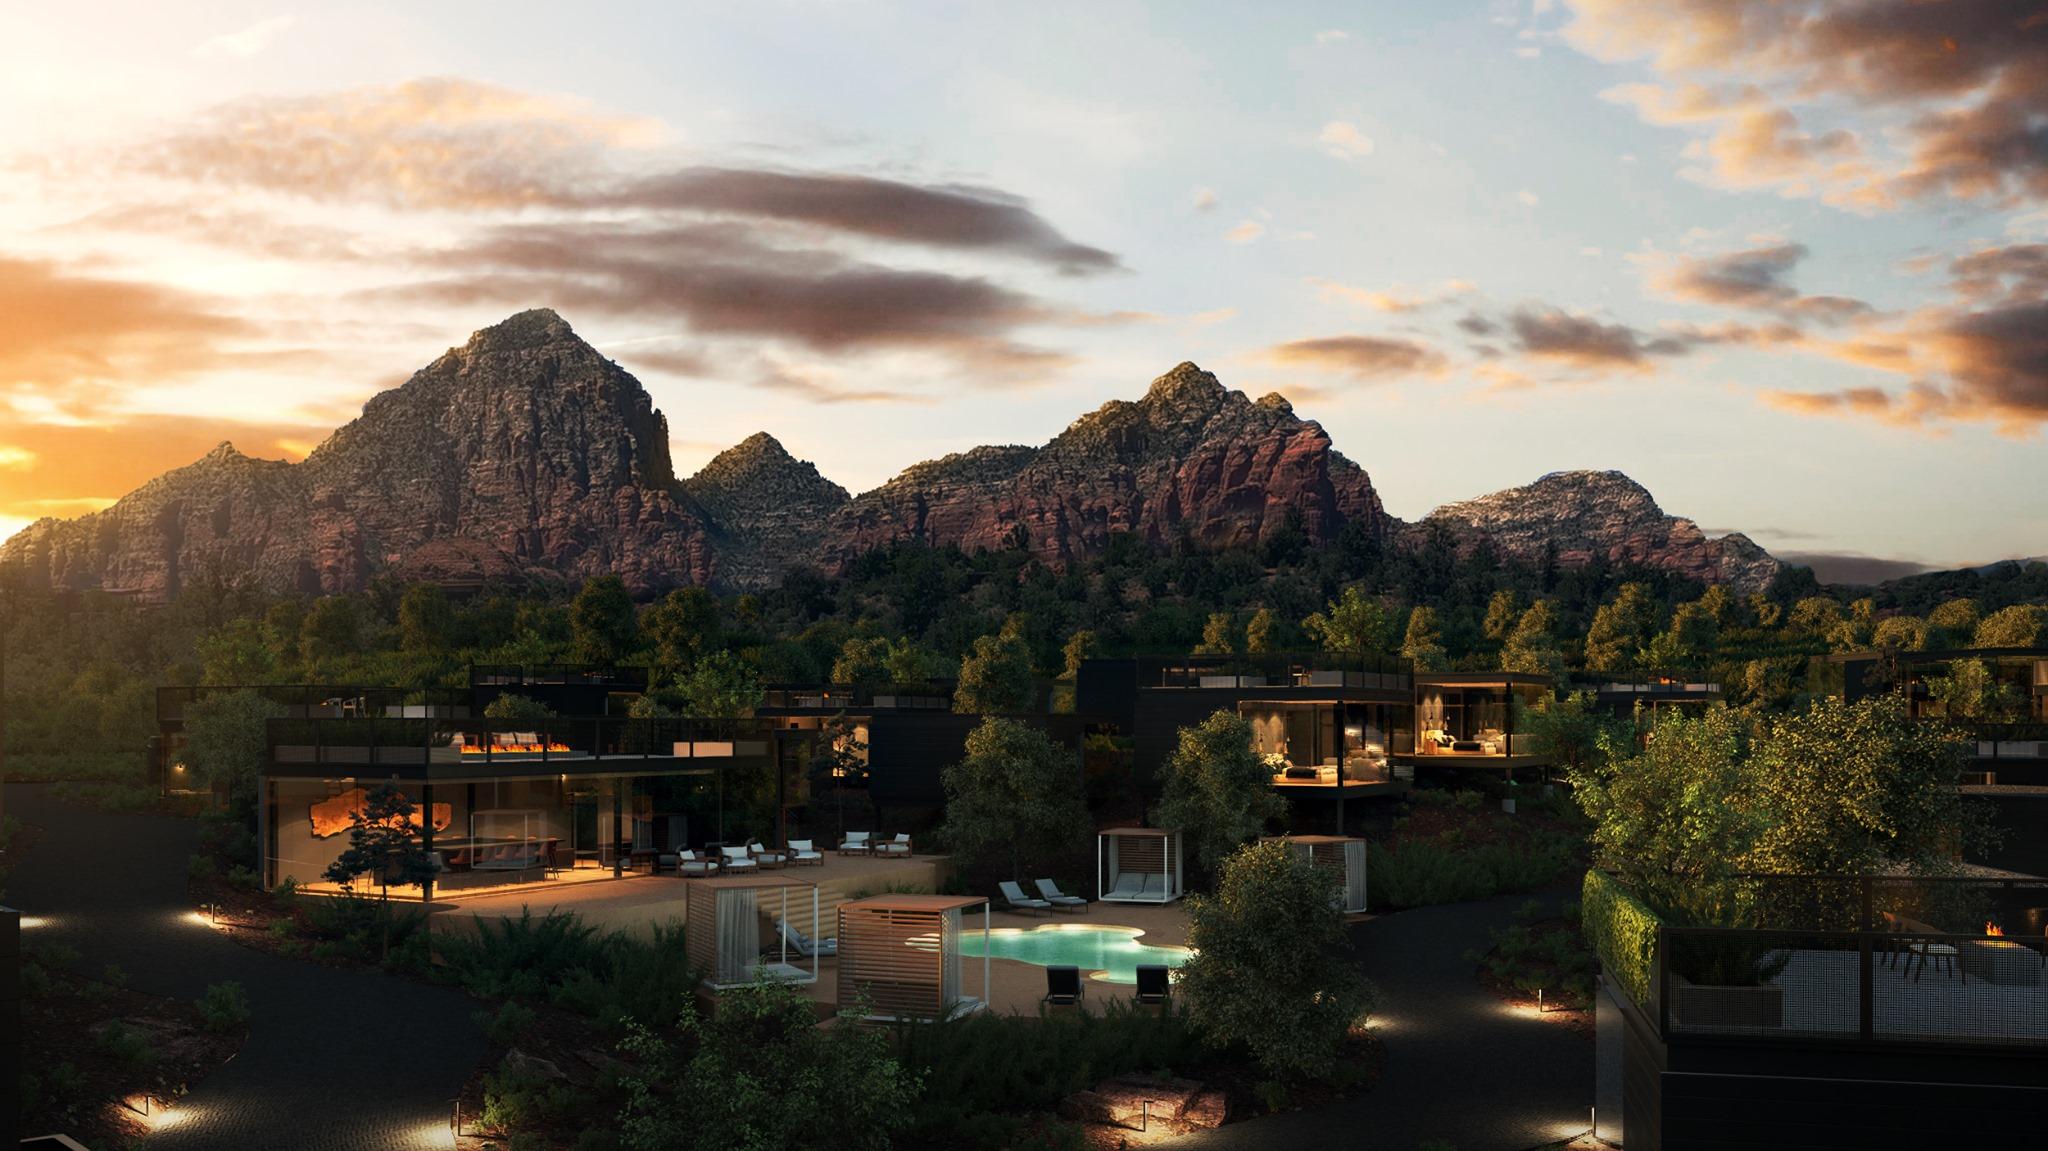 Ambiente Sedona Landscape Hotel Facebook